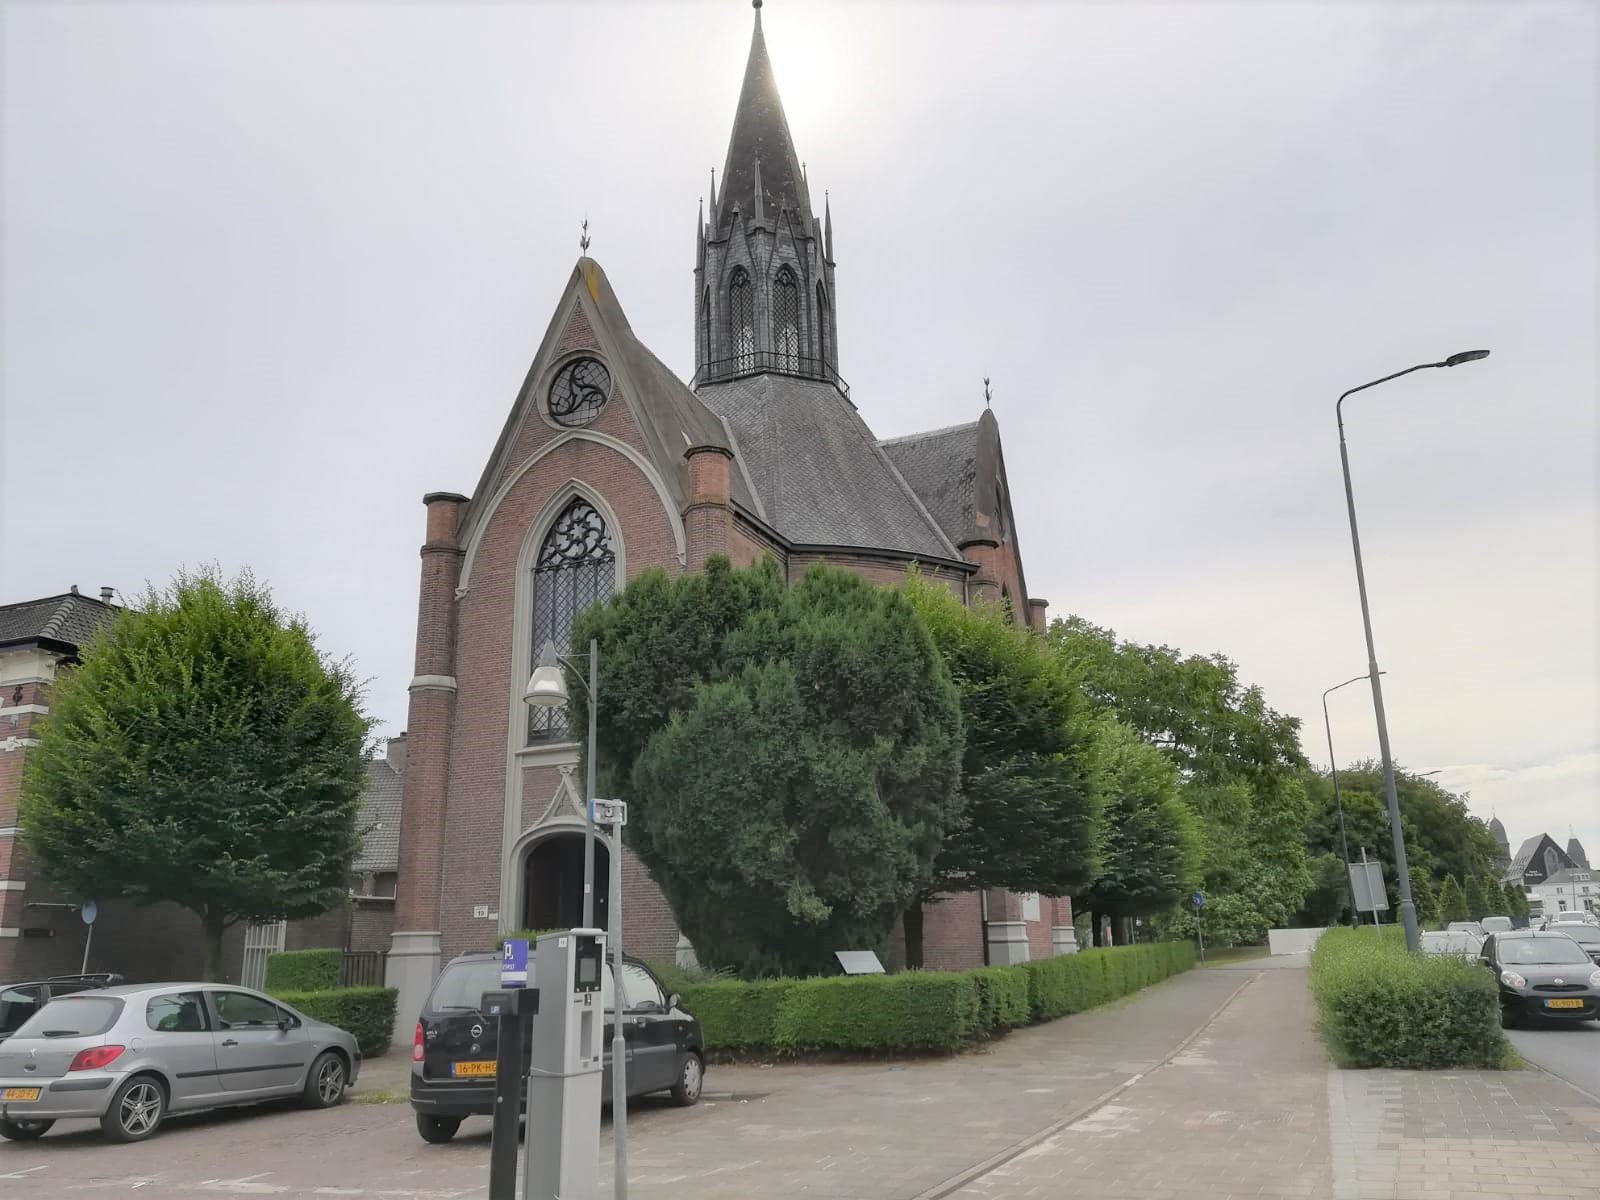 protestantse-kerk-kasteel-traverse-de-wiel